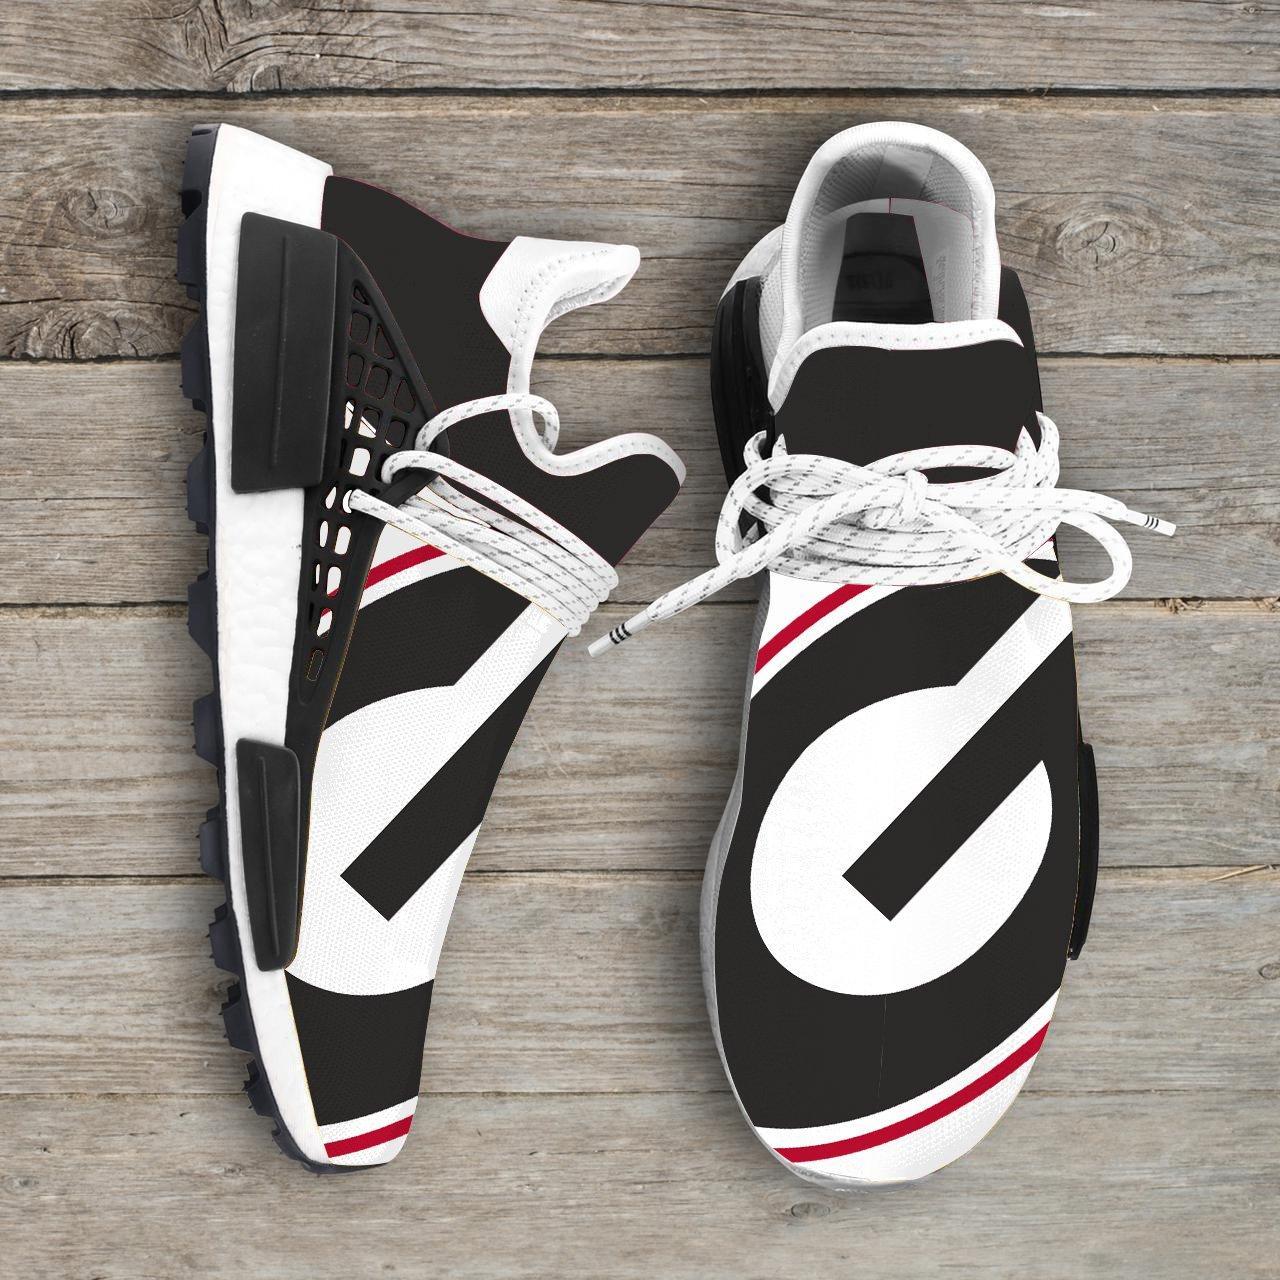 Georgia Bulldogs Ncaa NMD Human Shoes